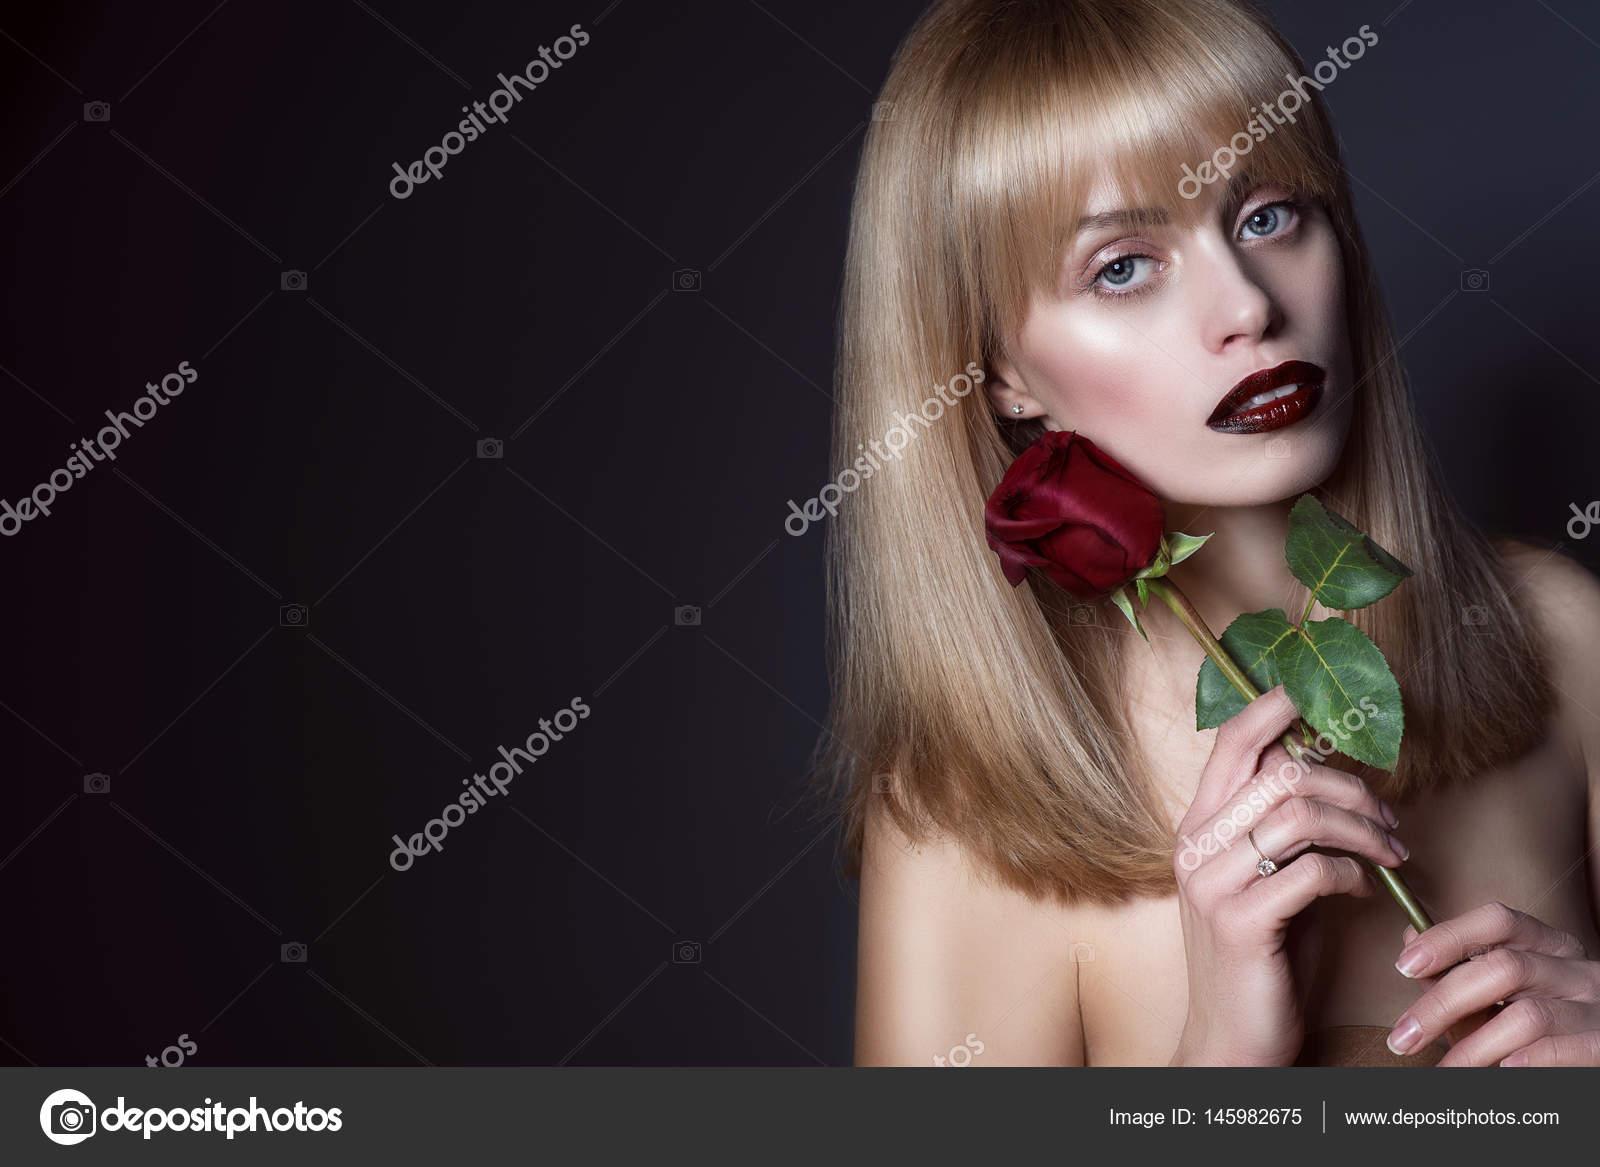 Hair model arm nude